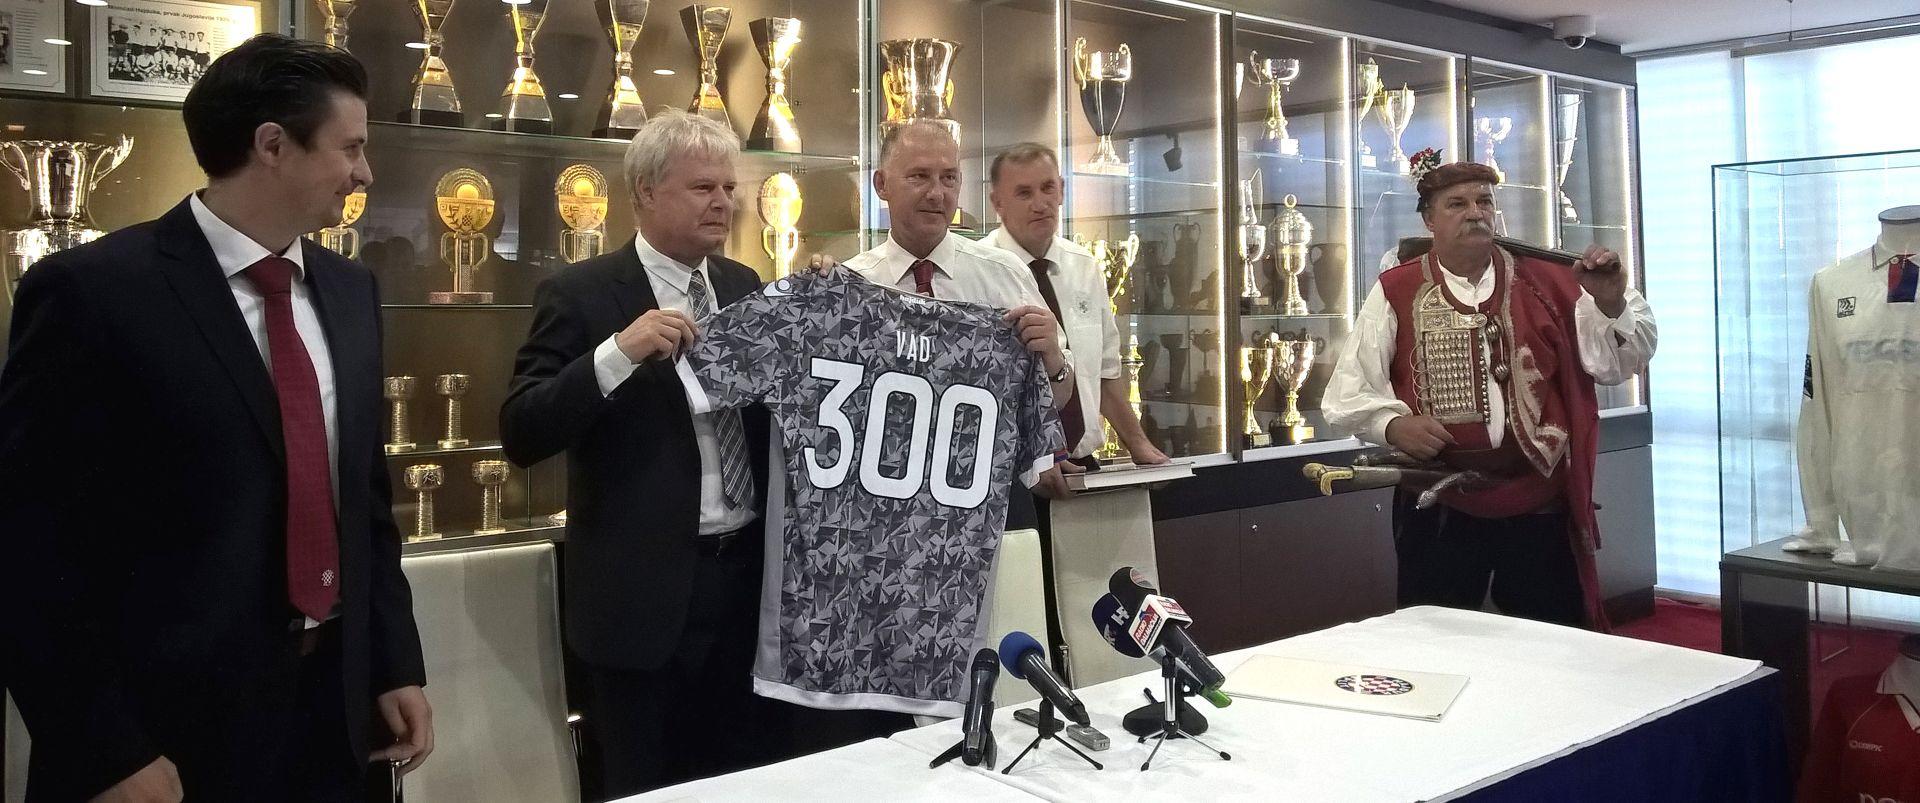 POVODOM OBILJEŽAVANJA 300. SINJSKE ALKE Hajduk i VAD potpisali sporazum o suradnji